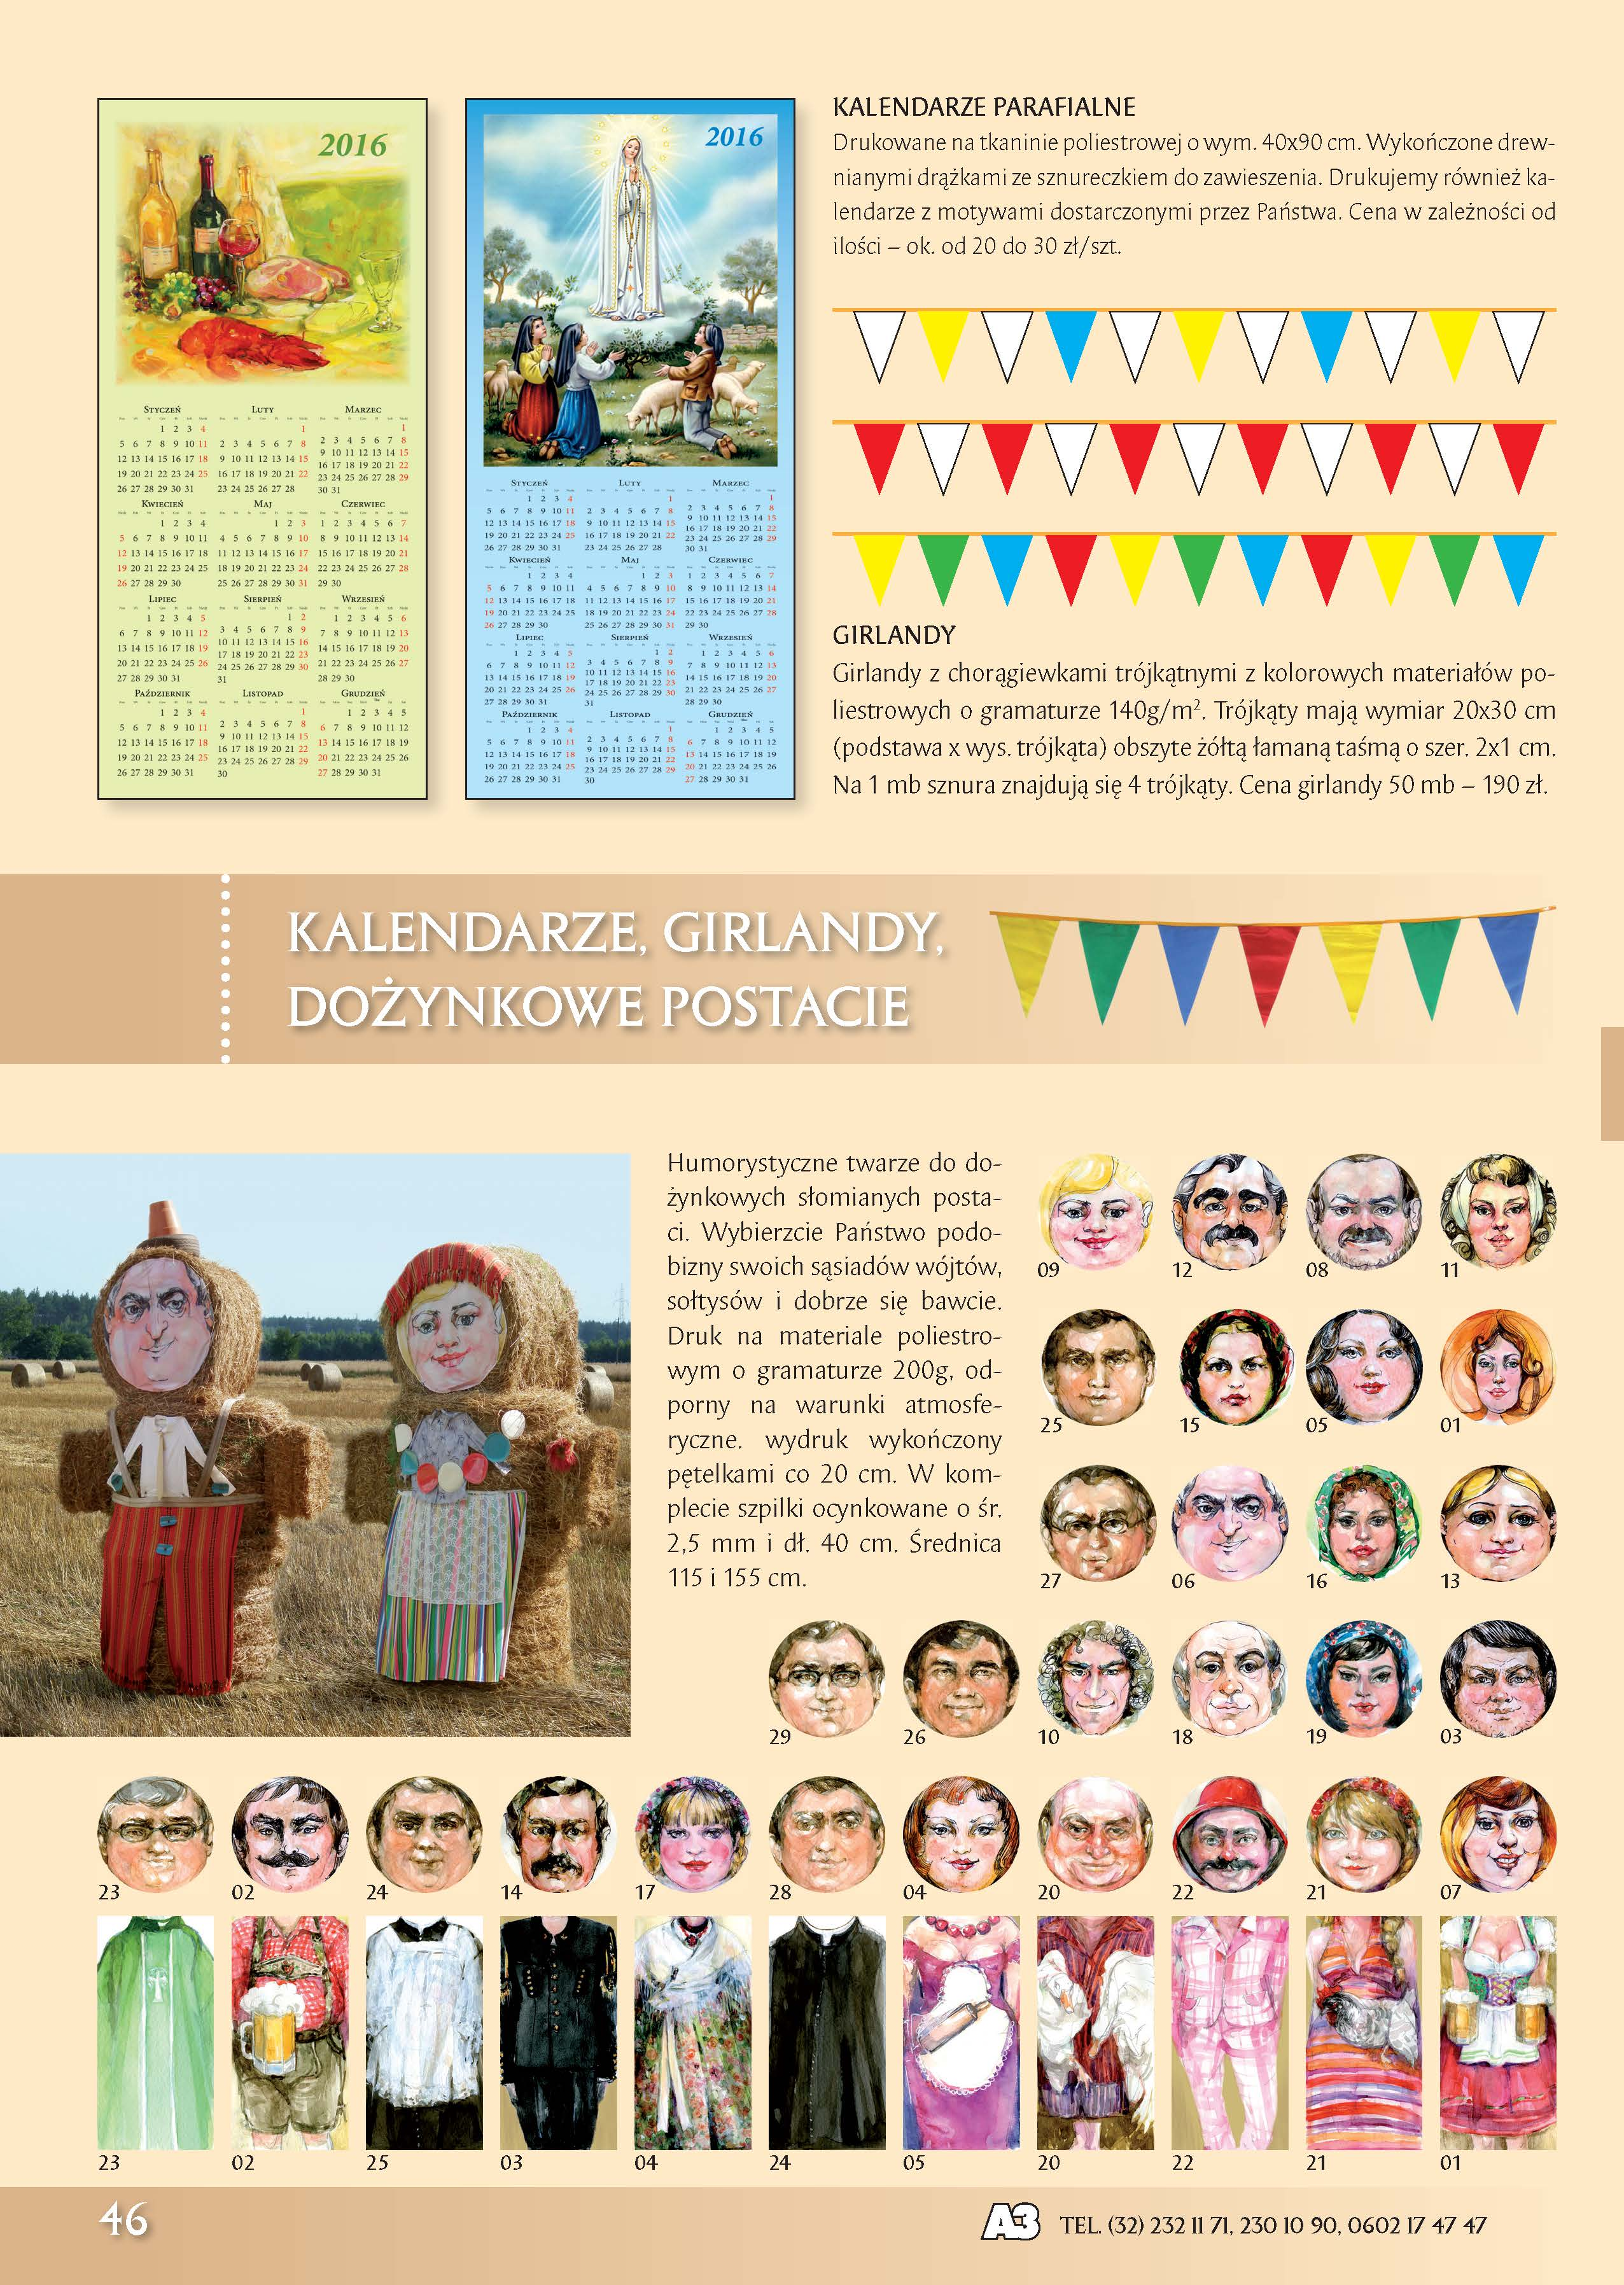 Kalendarze Parafialne, Girlandy, Dożynkowe Postacie